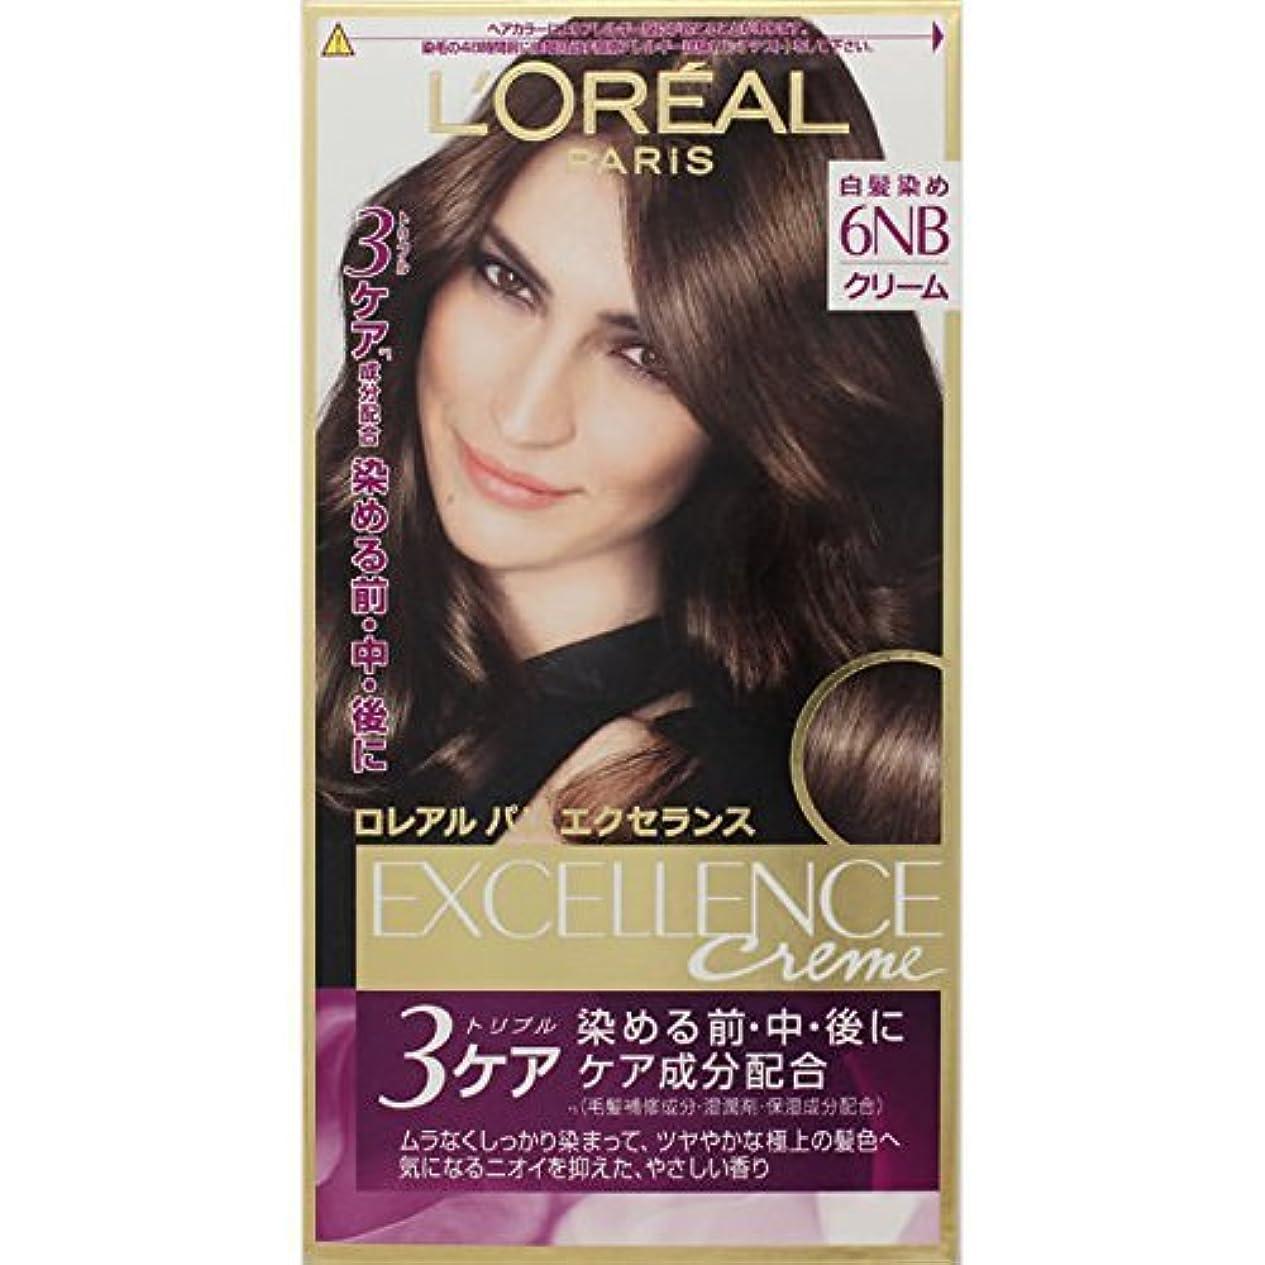 水銀の広い旅行ロレアル パリ ヘアカラー 白髪染め エクセランス N クリームタイプ 6NB やや明るい自然な栗色